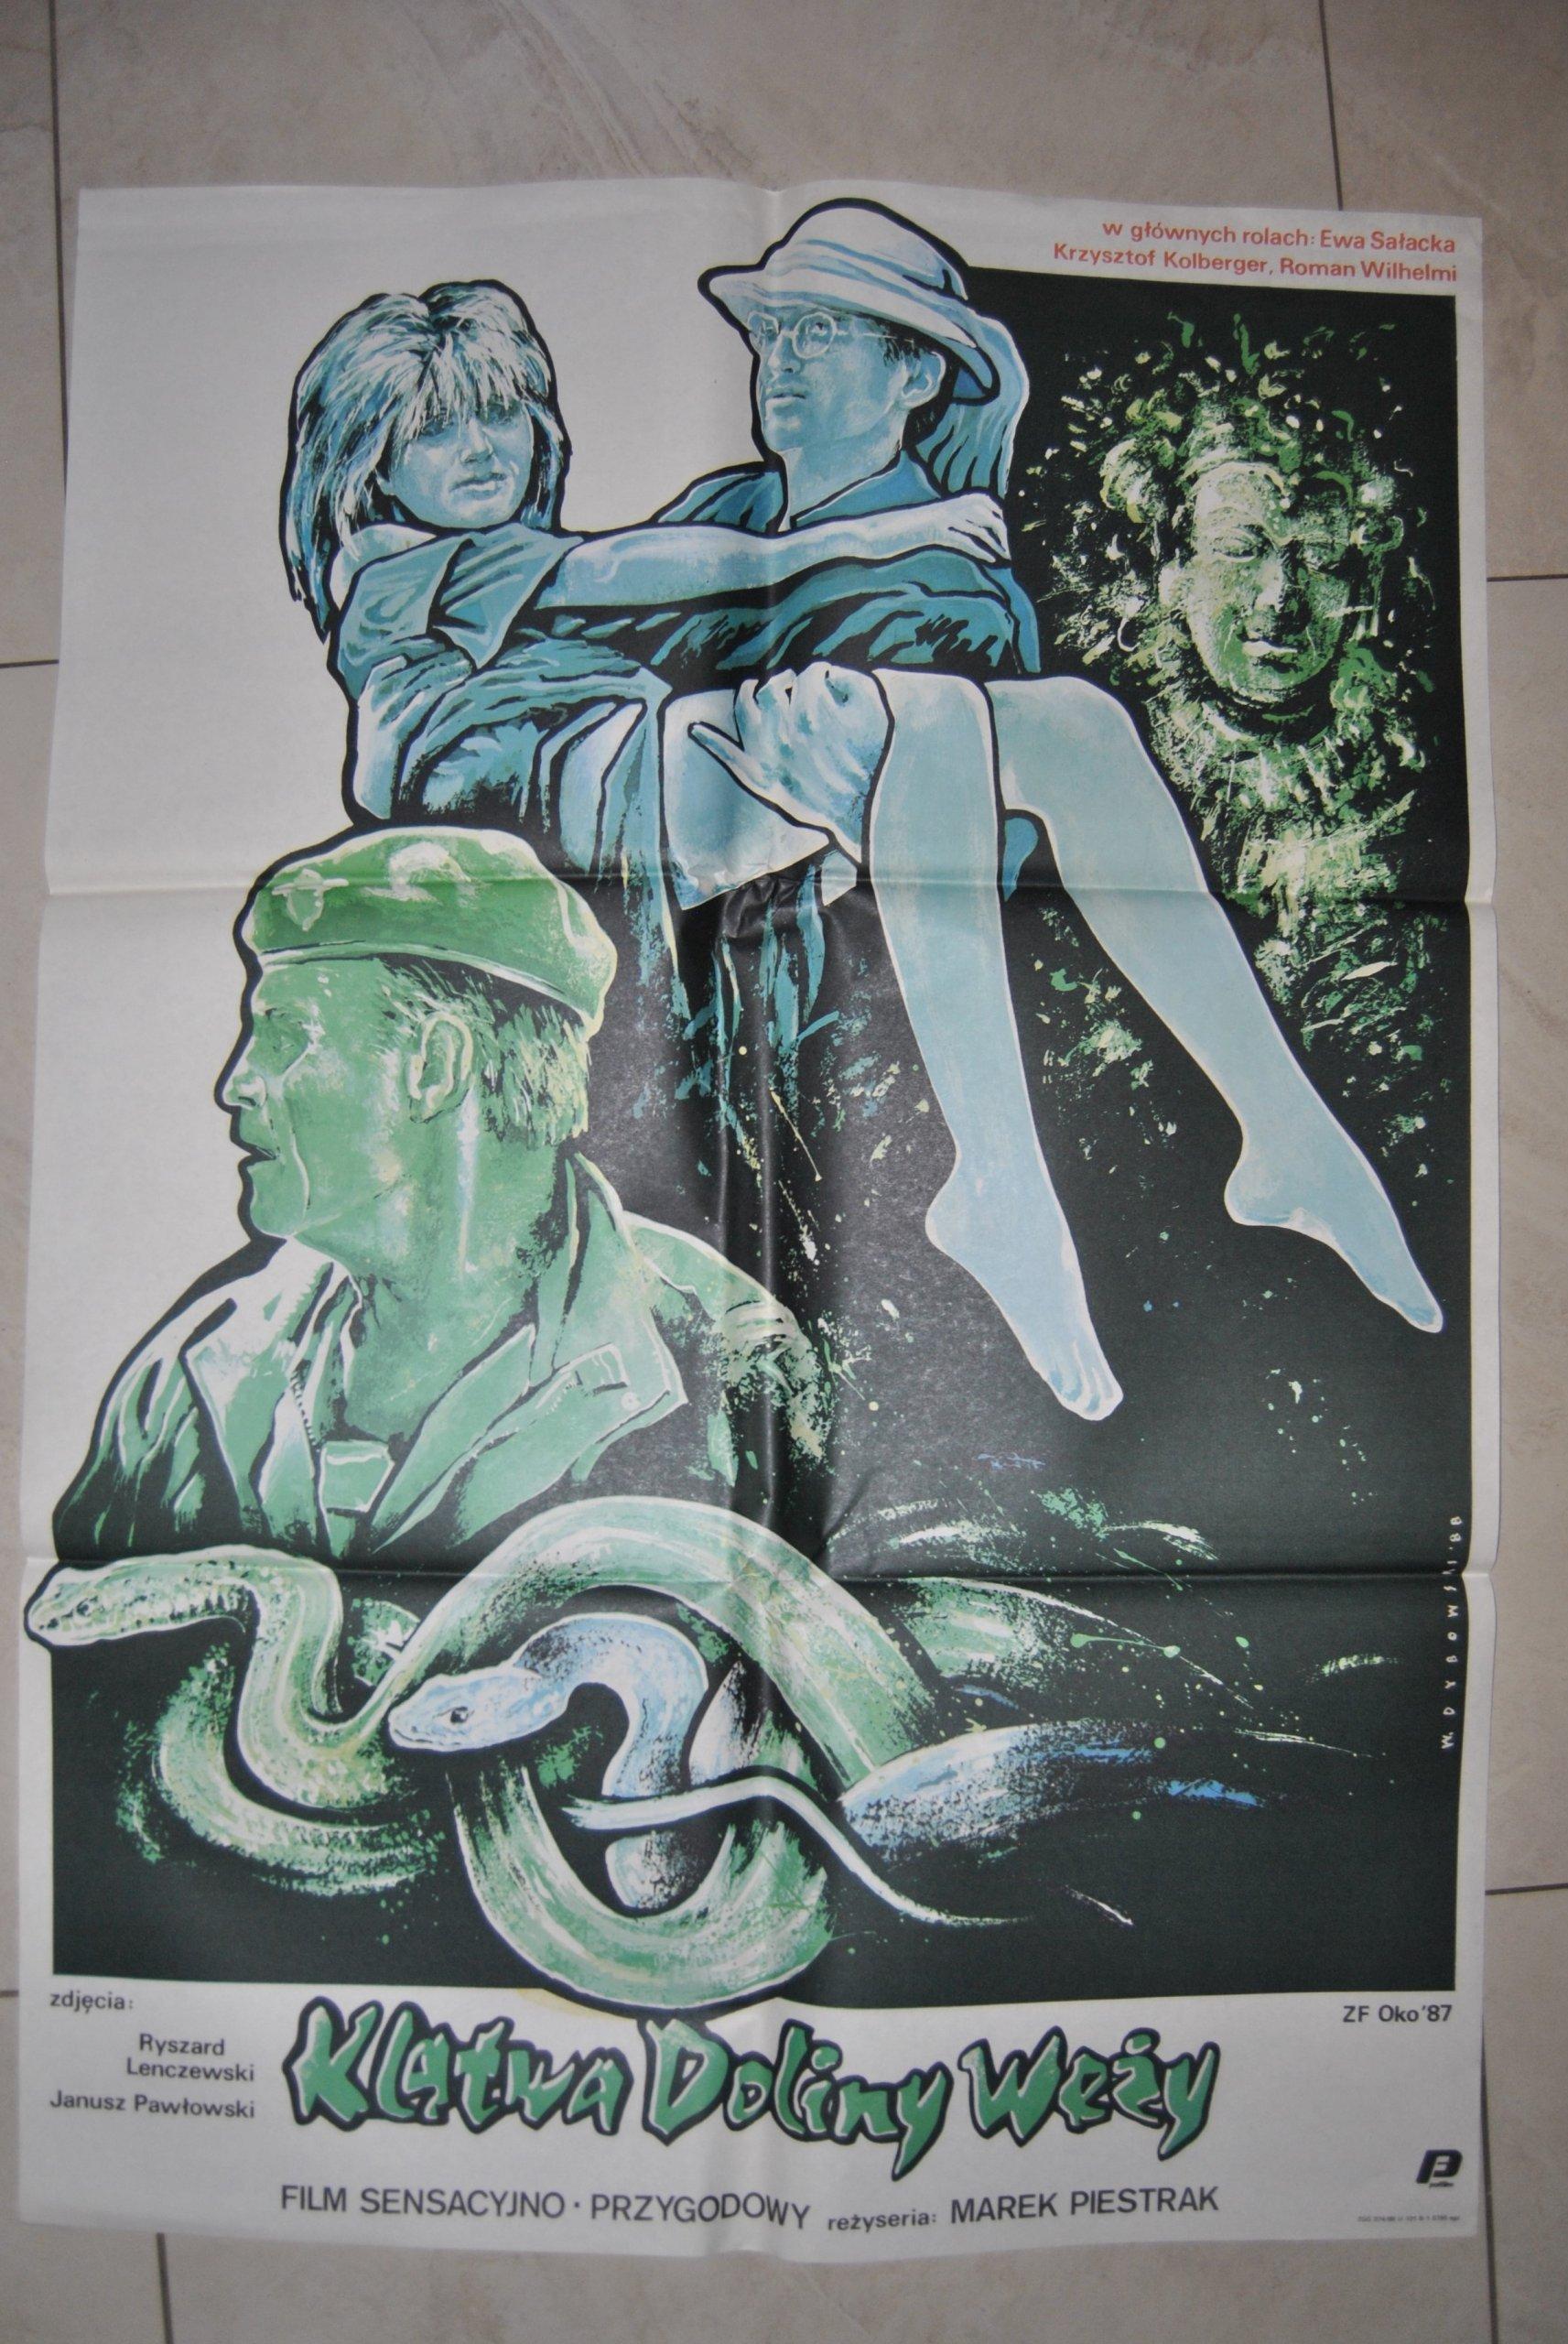 Plakat Filmowy Klątwa Doliny Węży Dybowski 7177033620